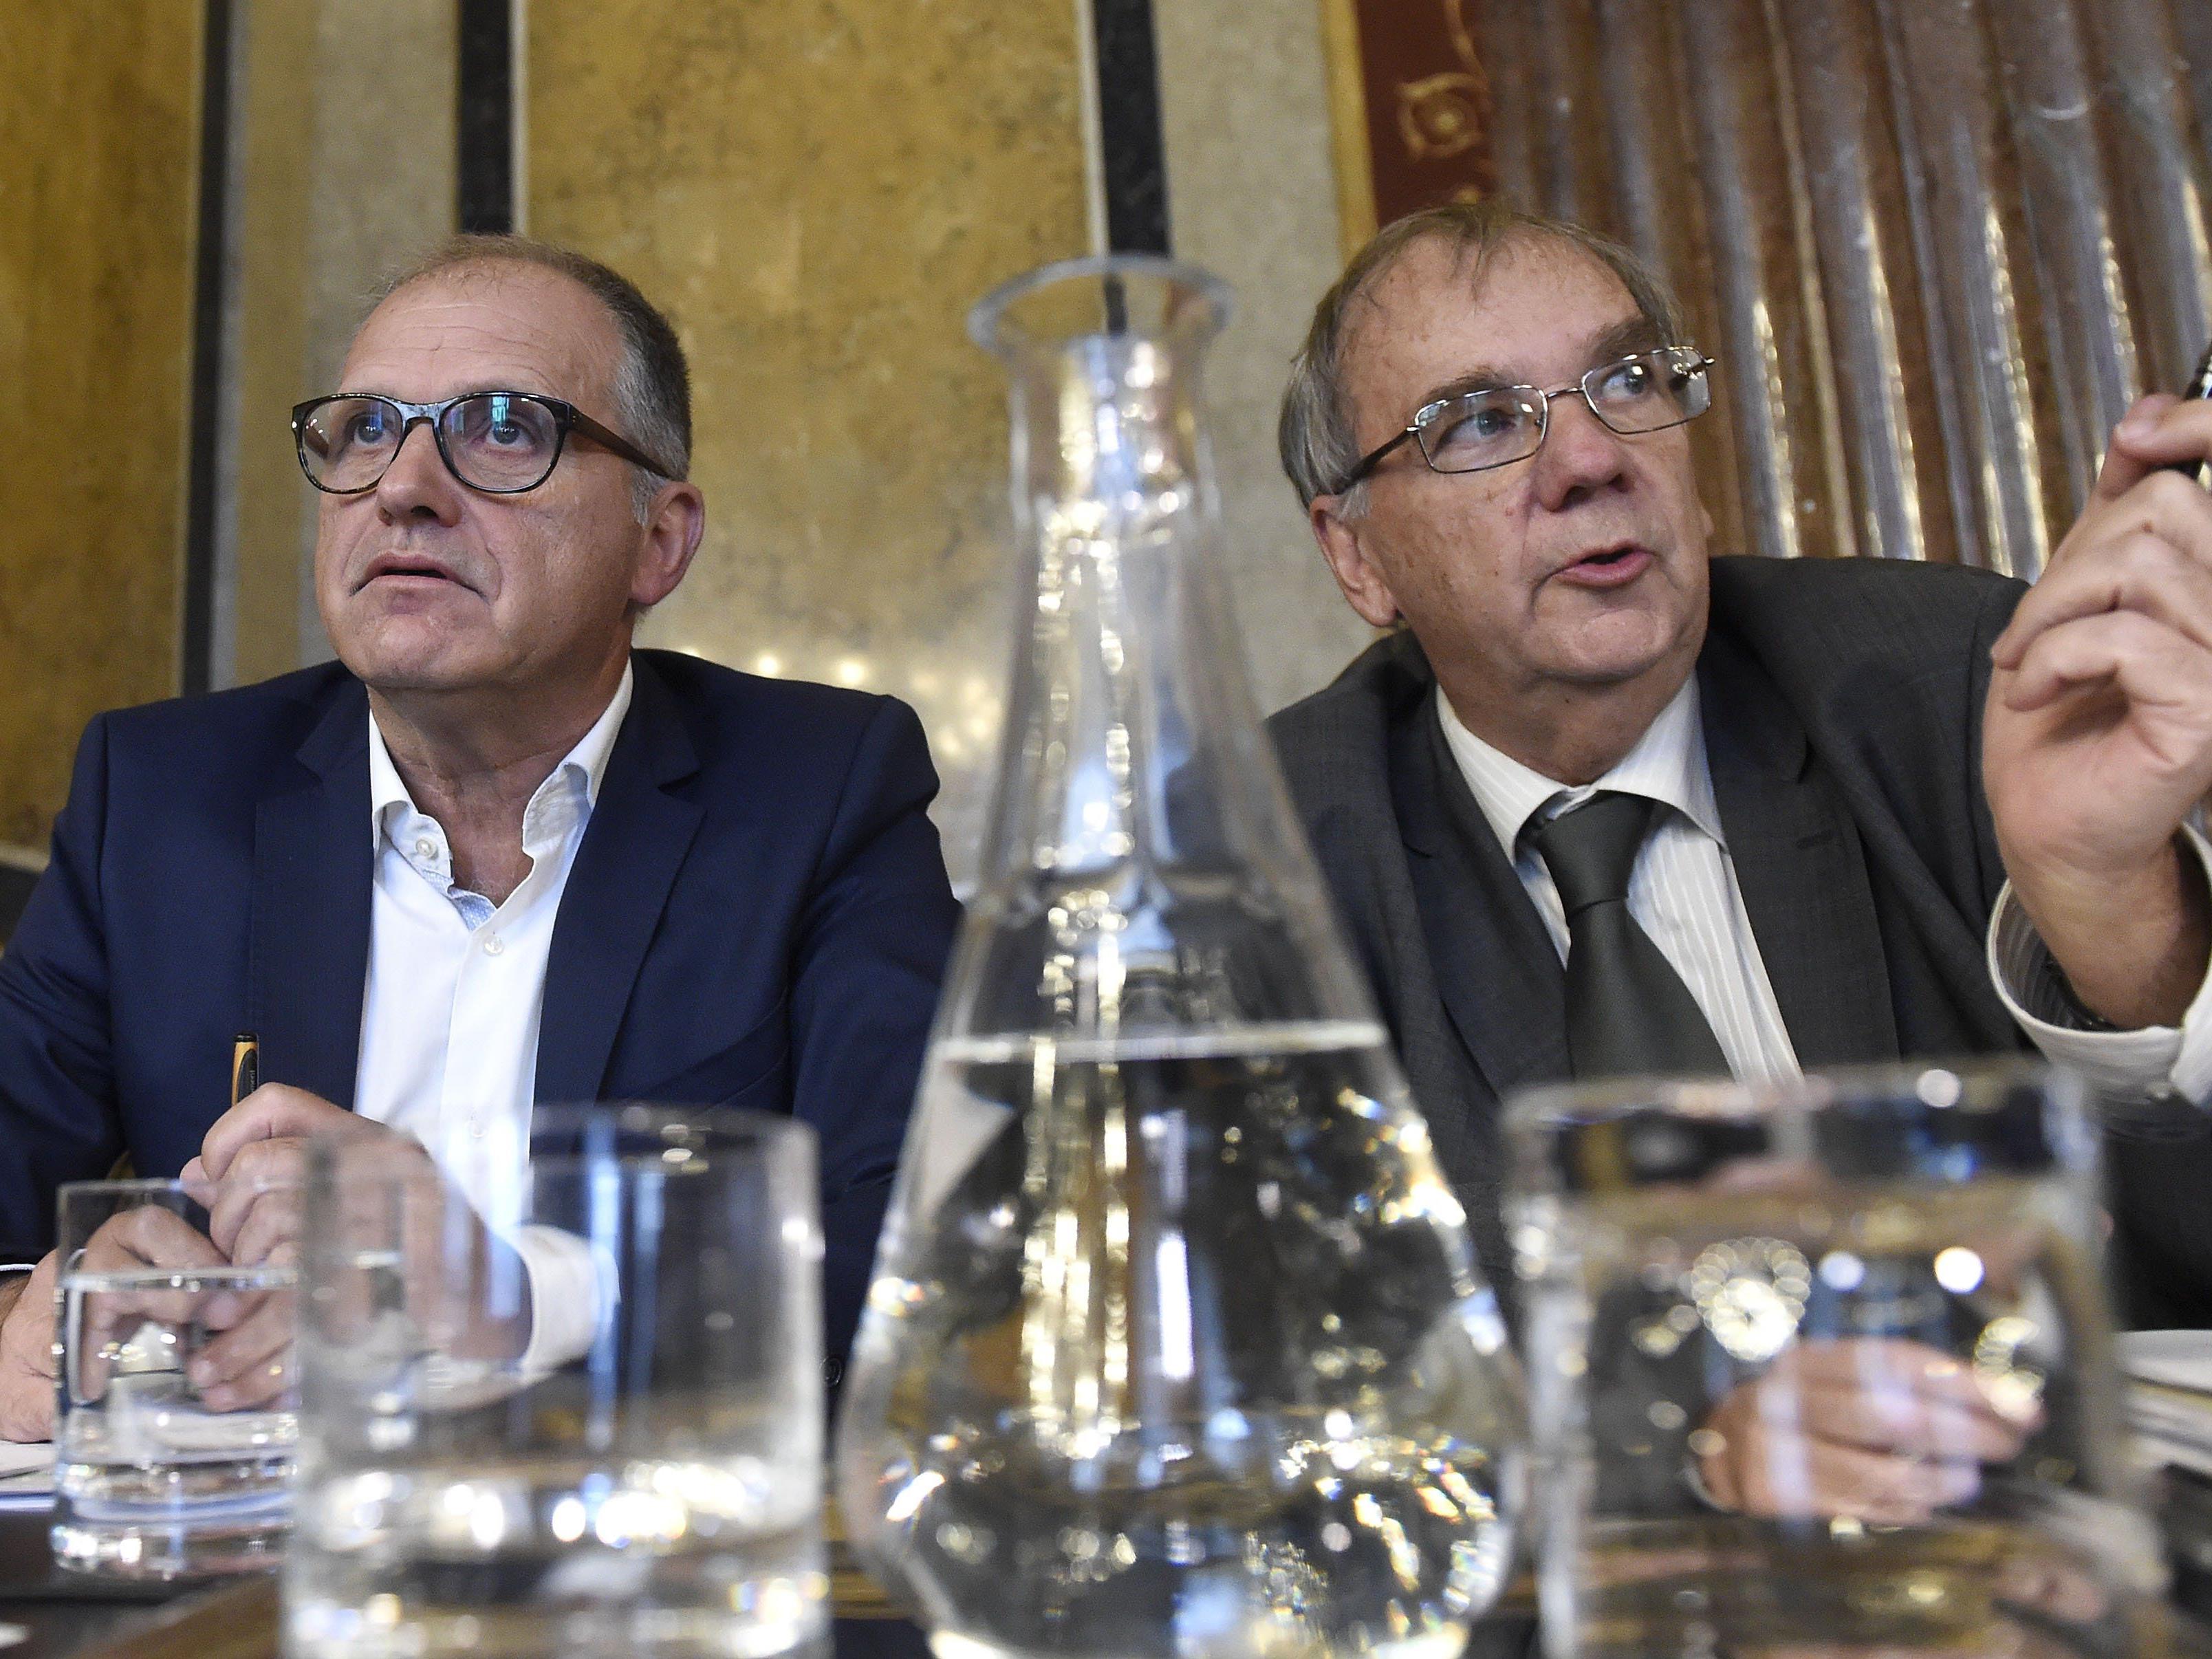 Ex-Innenminister Strasser und Verfahrensanwalt Binder am Donnerstag anl. einer Sitzung des Hypo-U-Ausschusses im Parlament in Wien.